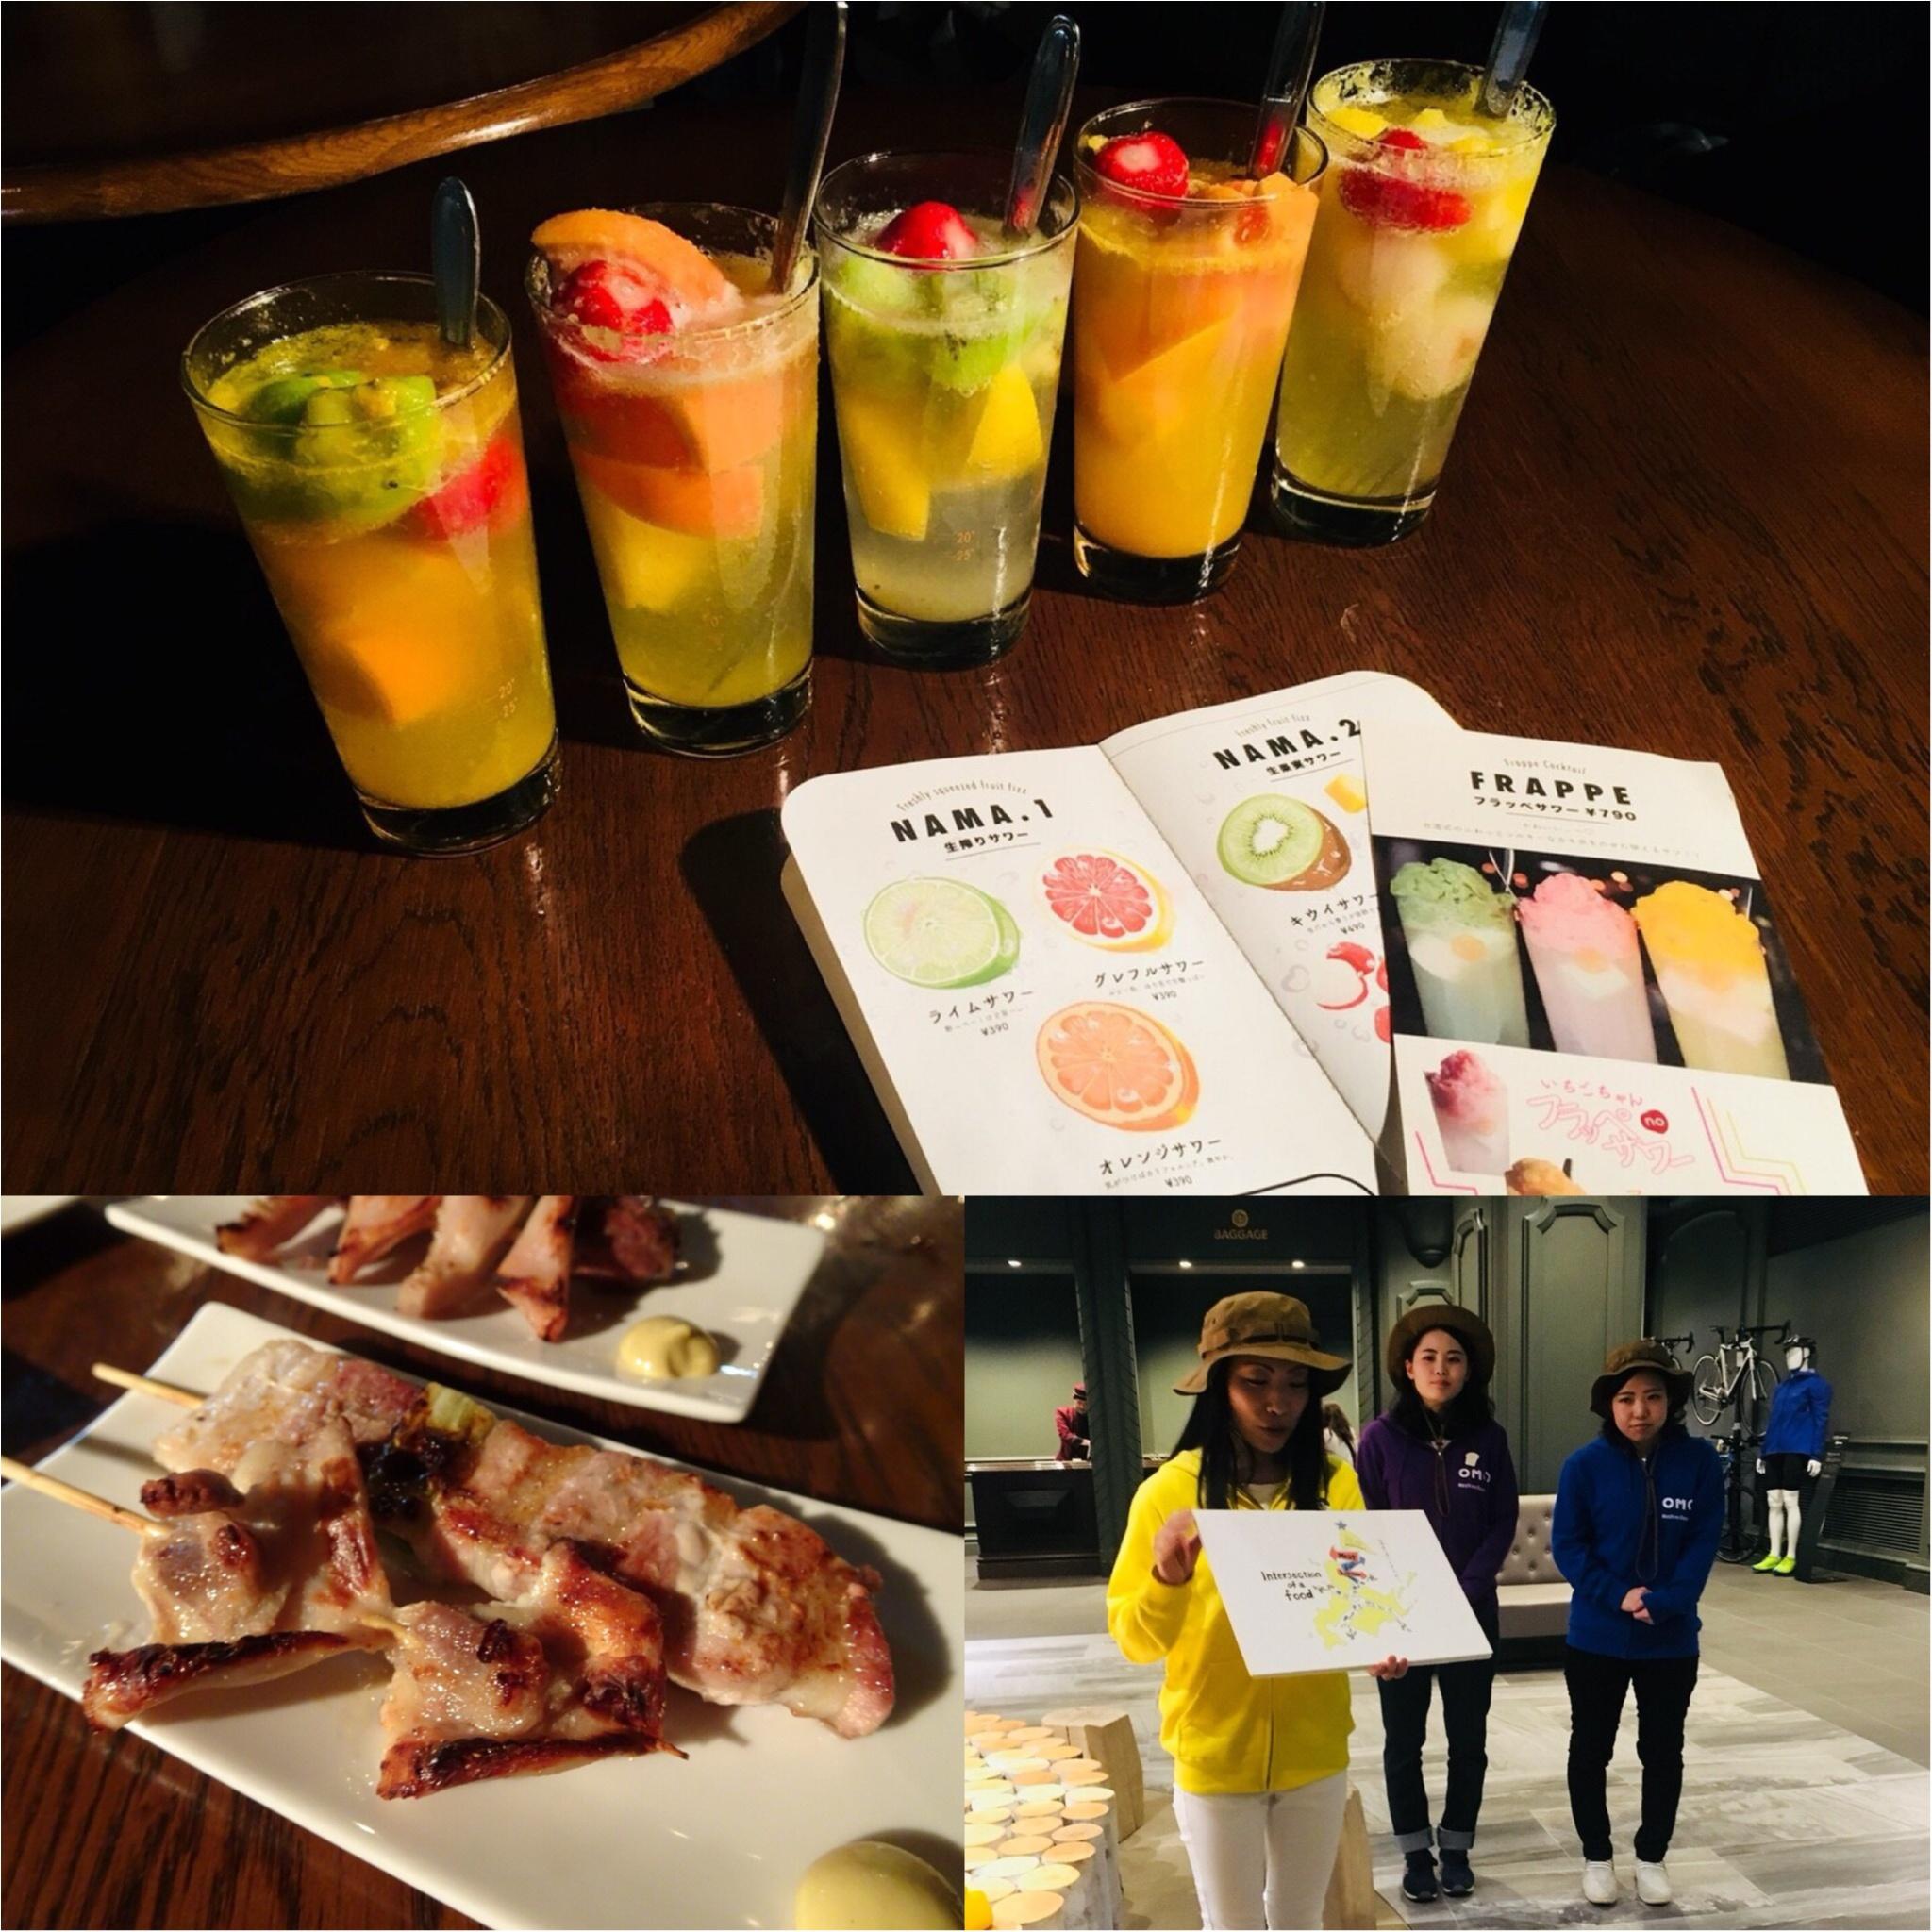 【北海道】『星野リゾート OMO7 旭川』&『星野リゾート トマム』のプレスツアーに参加してきました!女子に嬉しい可愛いお部屋や貴重な体験も!_7